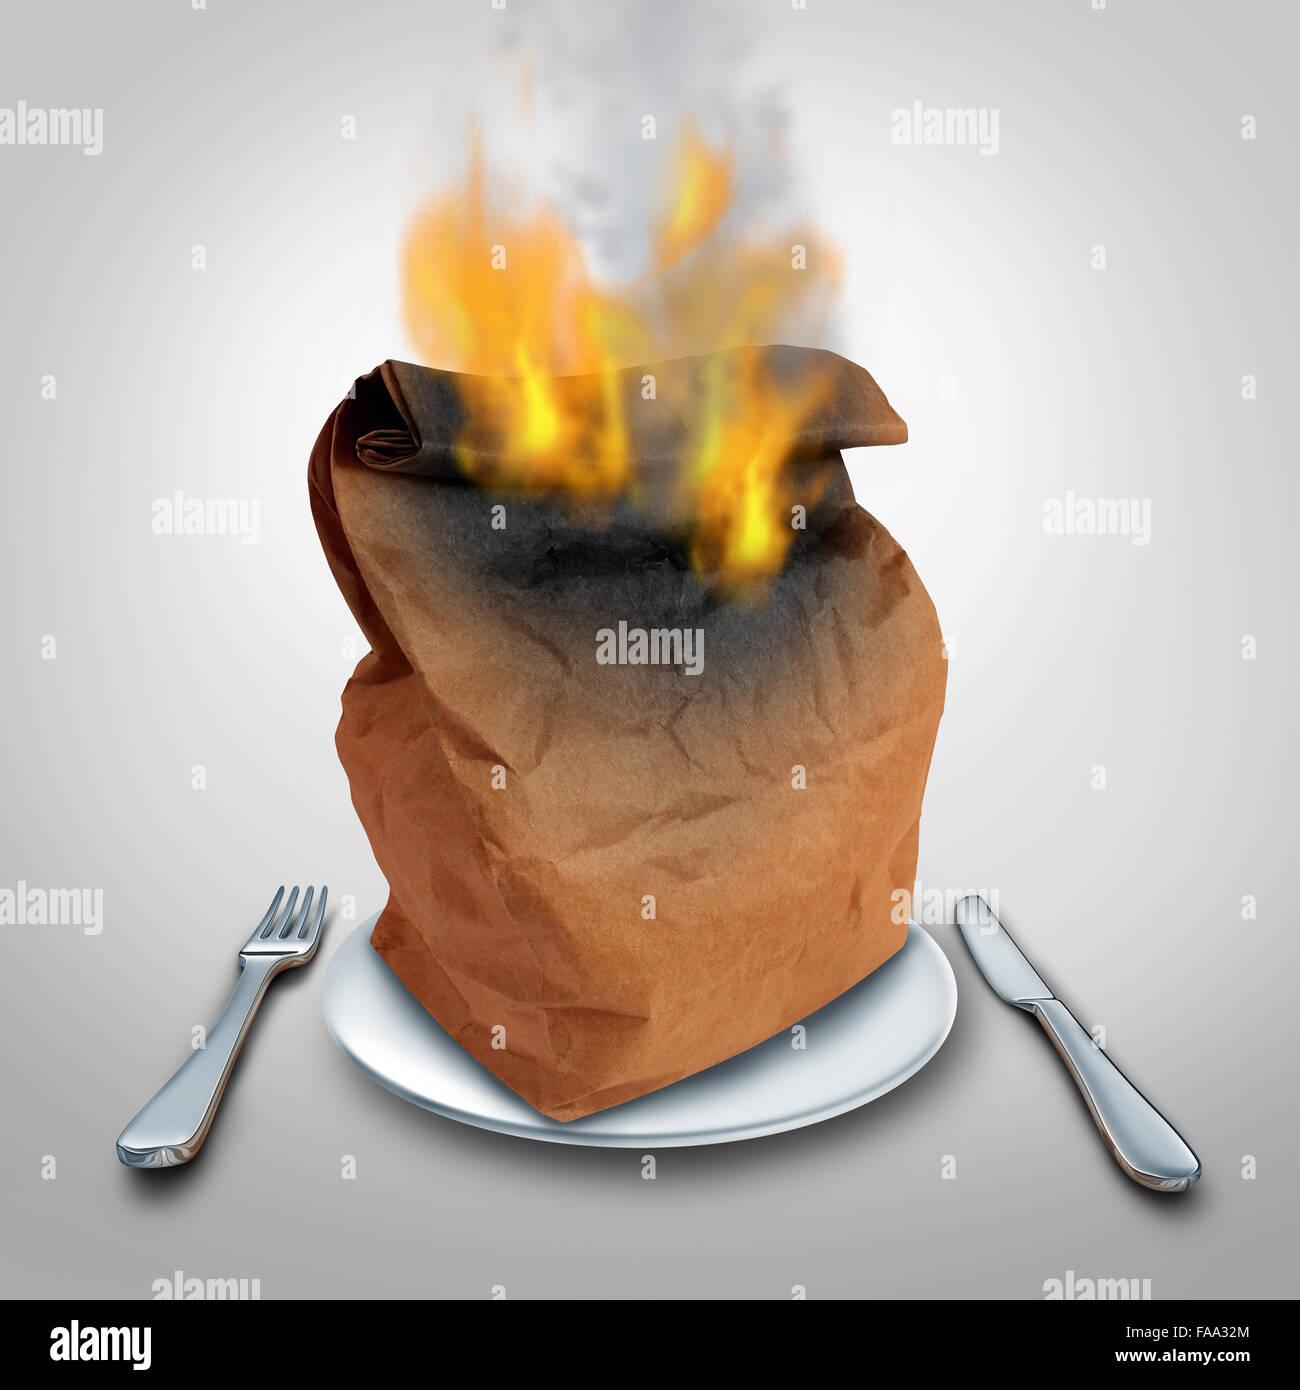 Bruciare calorie o bruciare calorie concetto e pranzo caldo idea o rifiuti alimentari simbolo come una carta marrone Immagini Stock